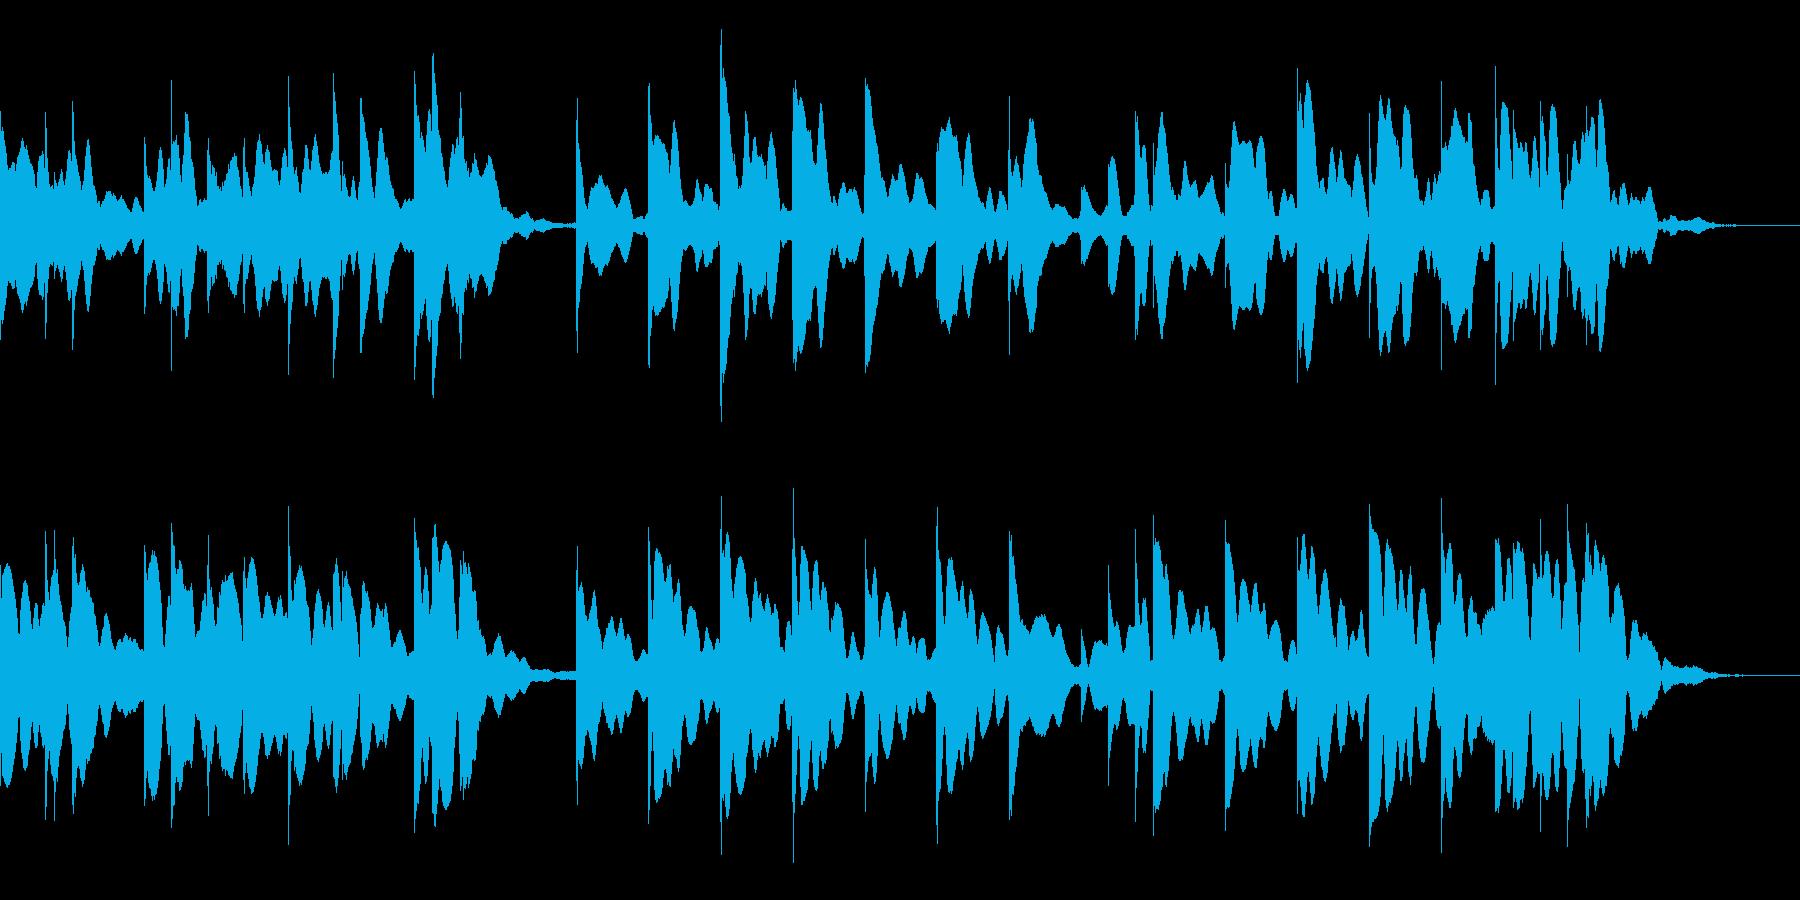 オルゴールのようなぬくもりを感じる曲の再生済みの波形